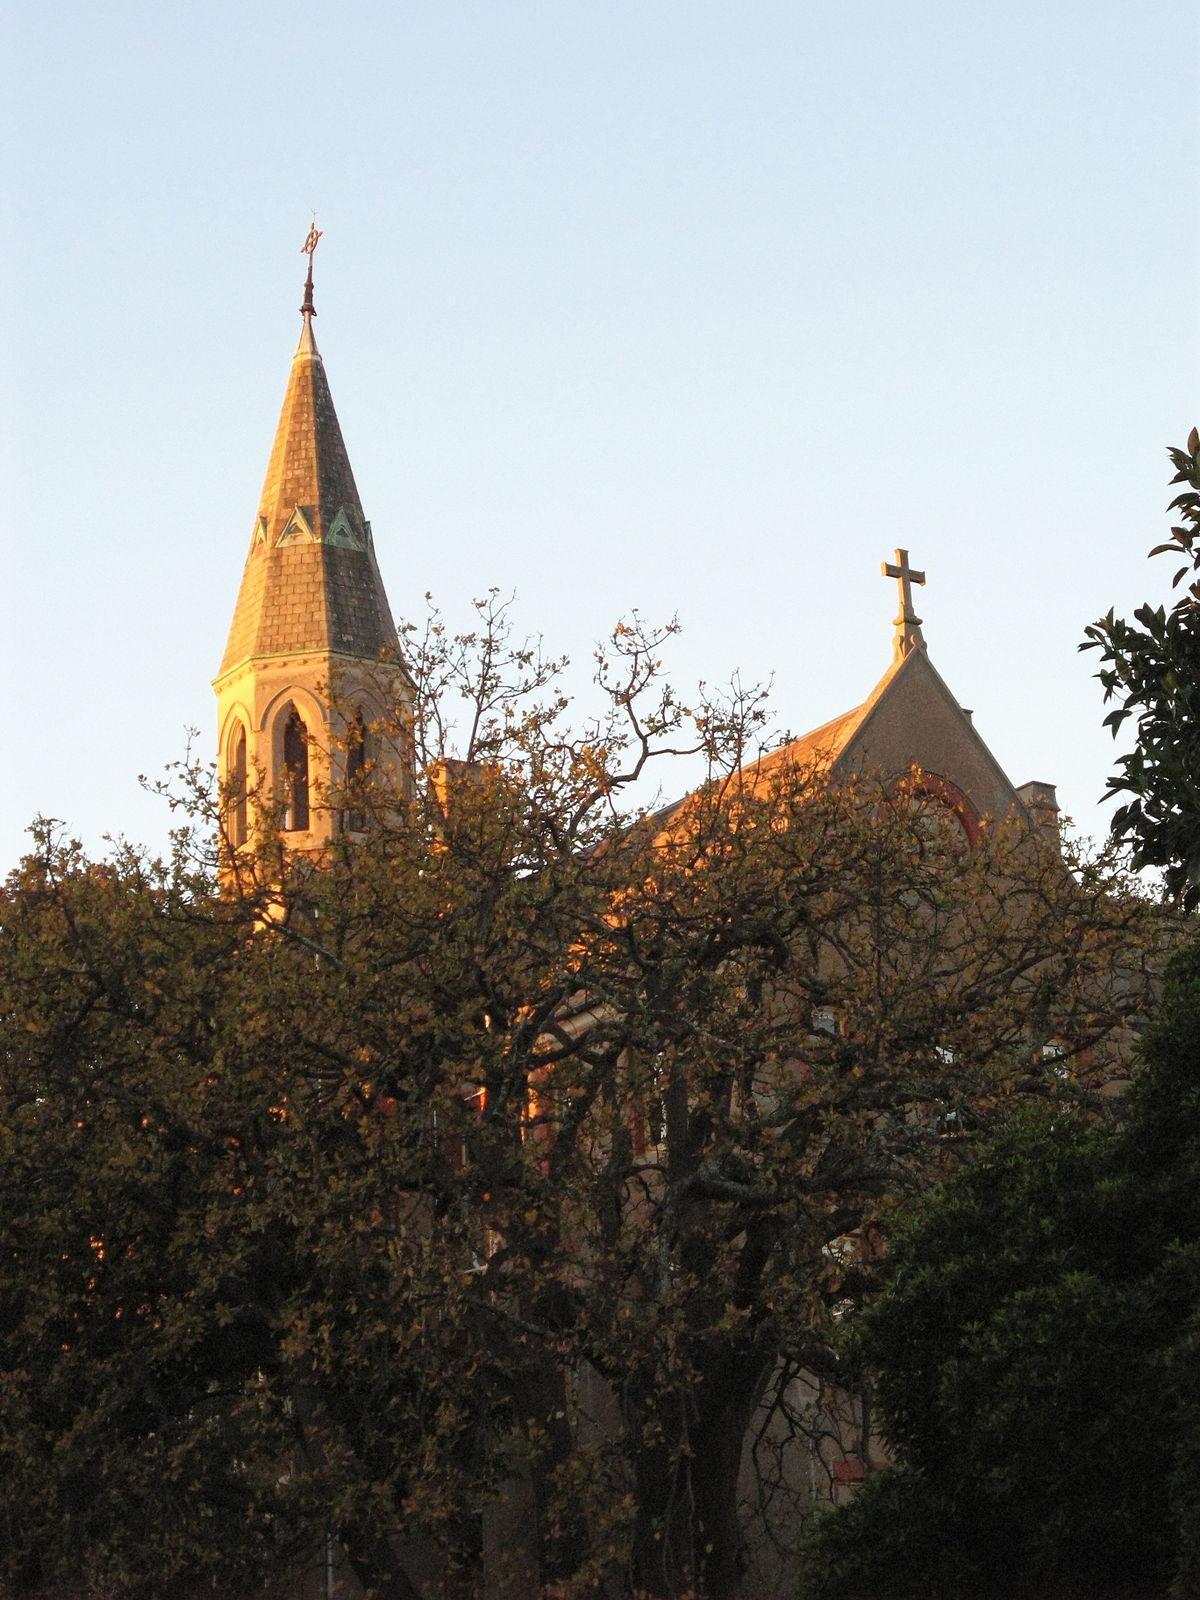 Abbotsford Convent - Wikipedia